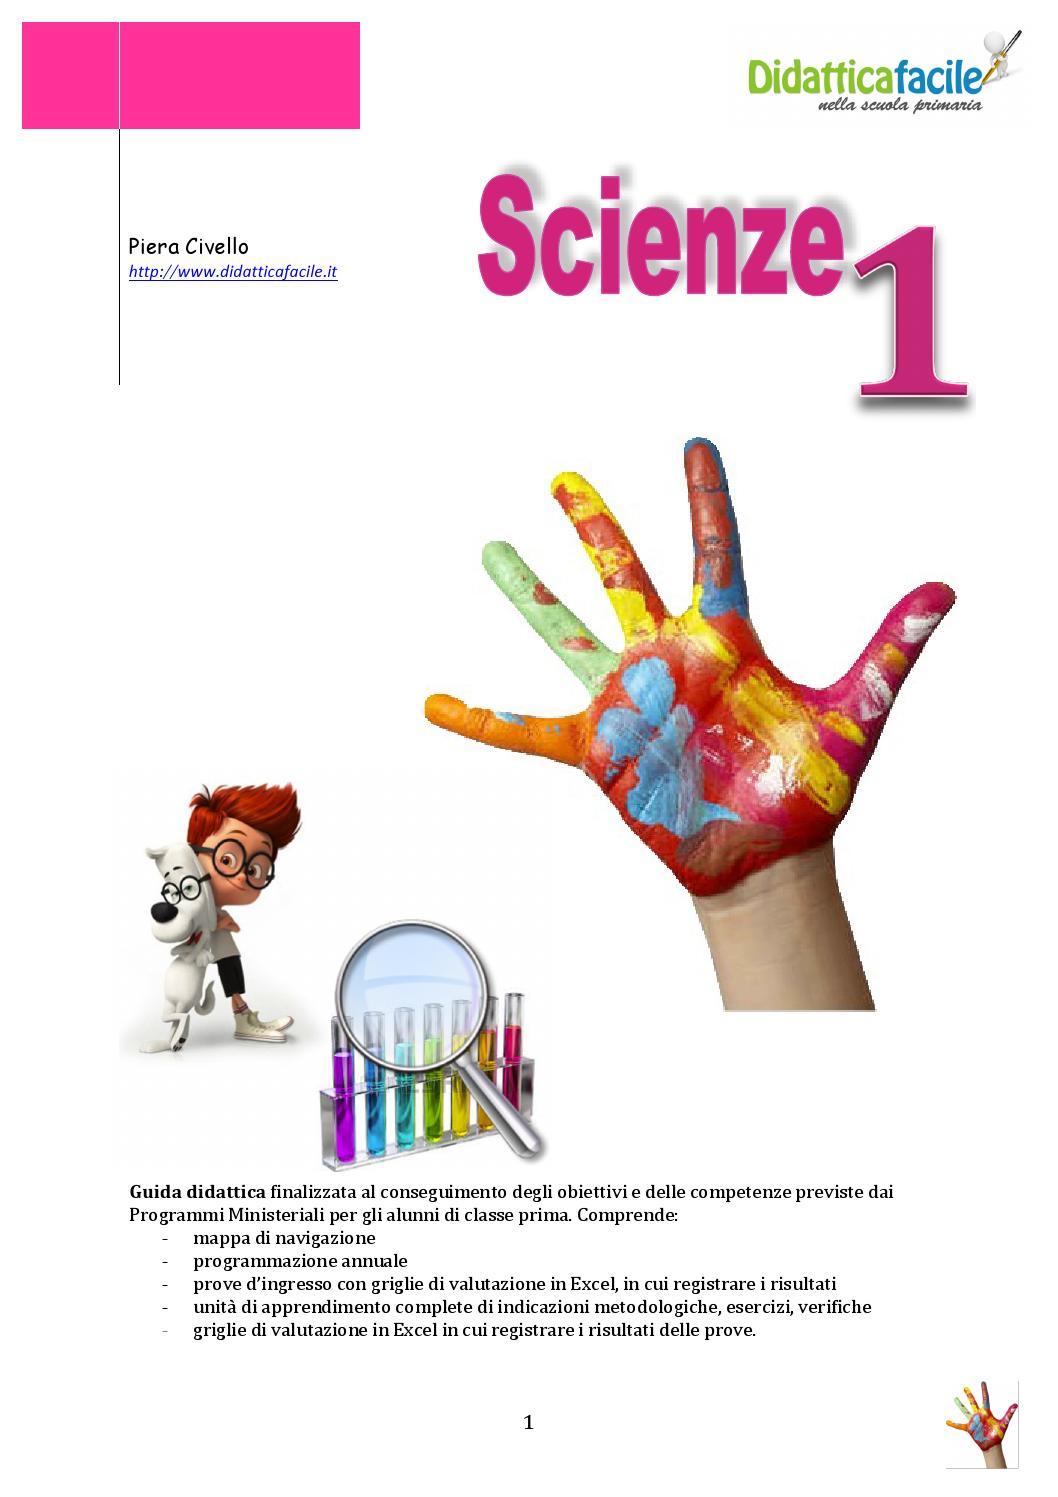 Popolare Scienze classe 1 by piera civello - issuu UD15